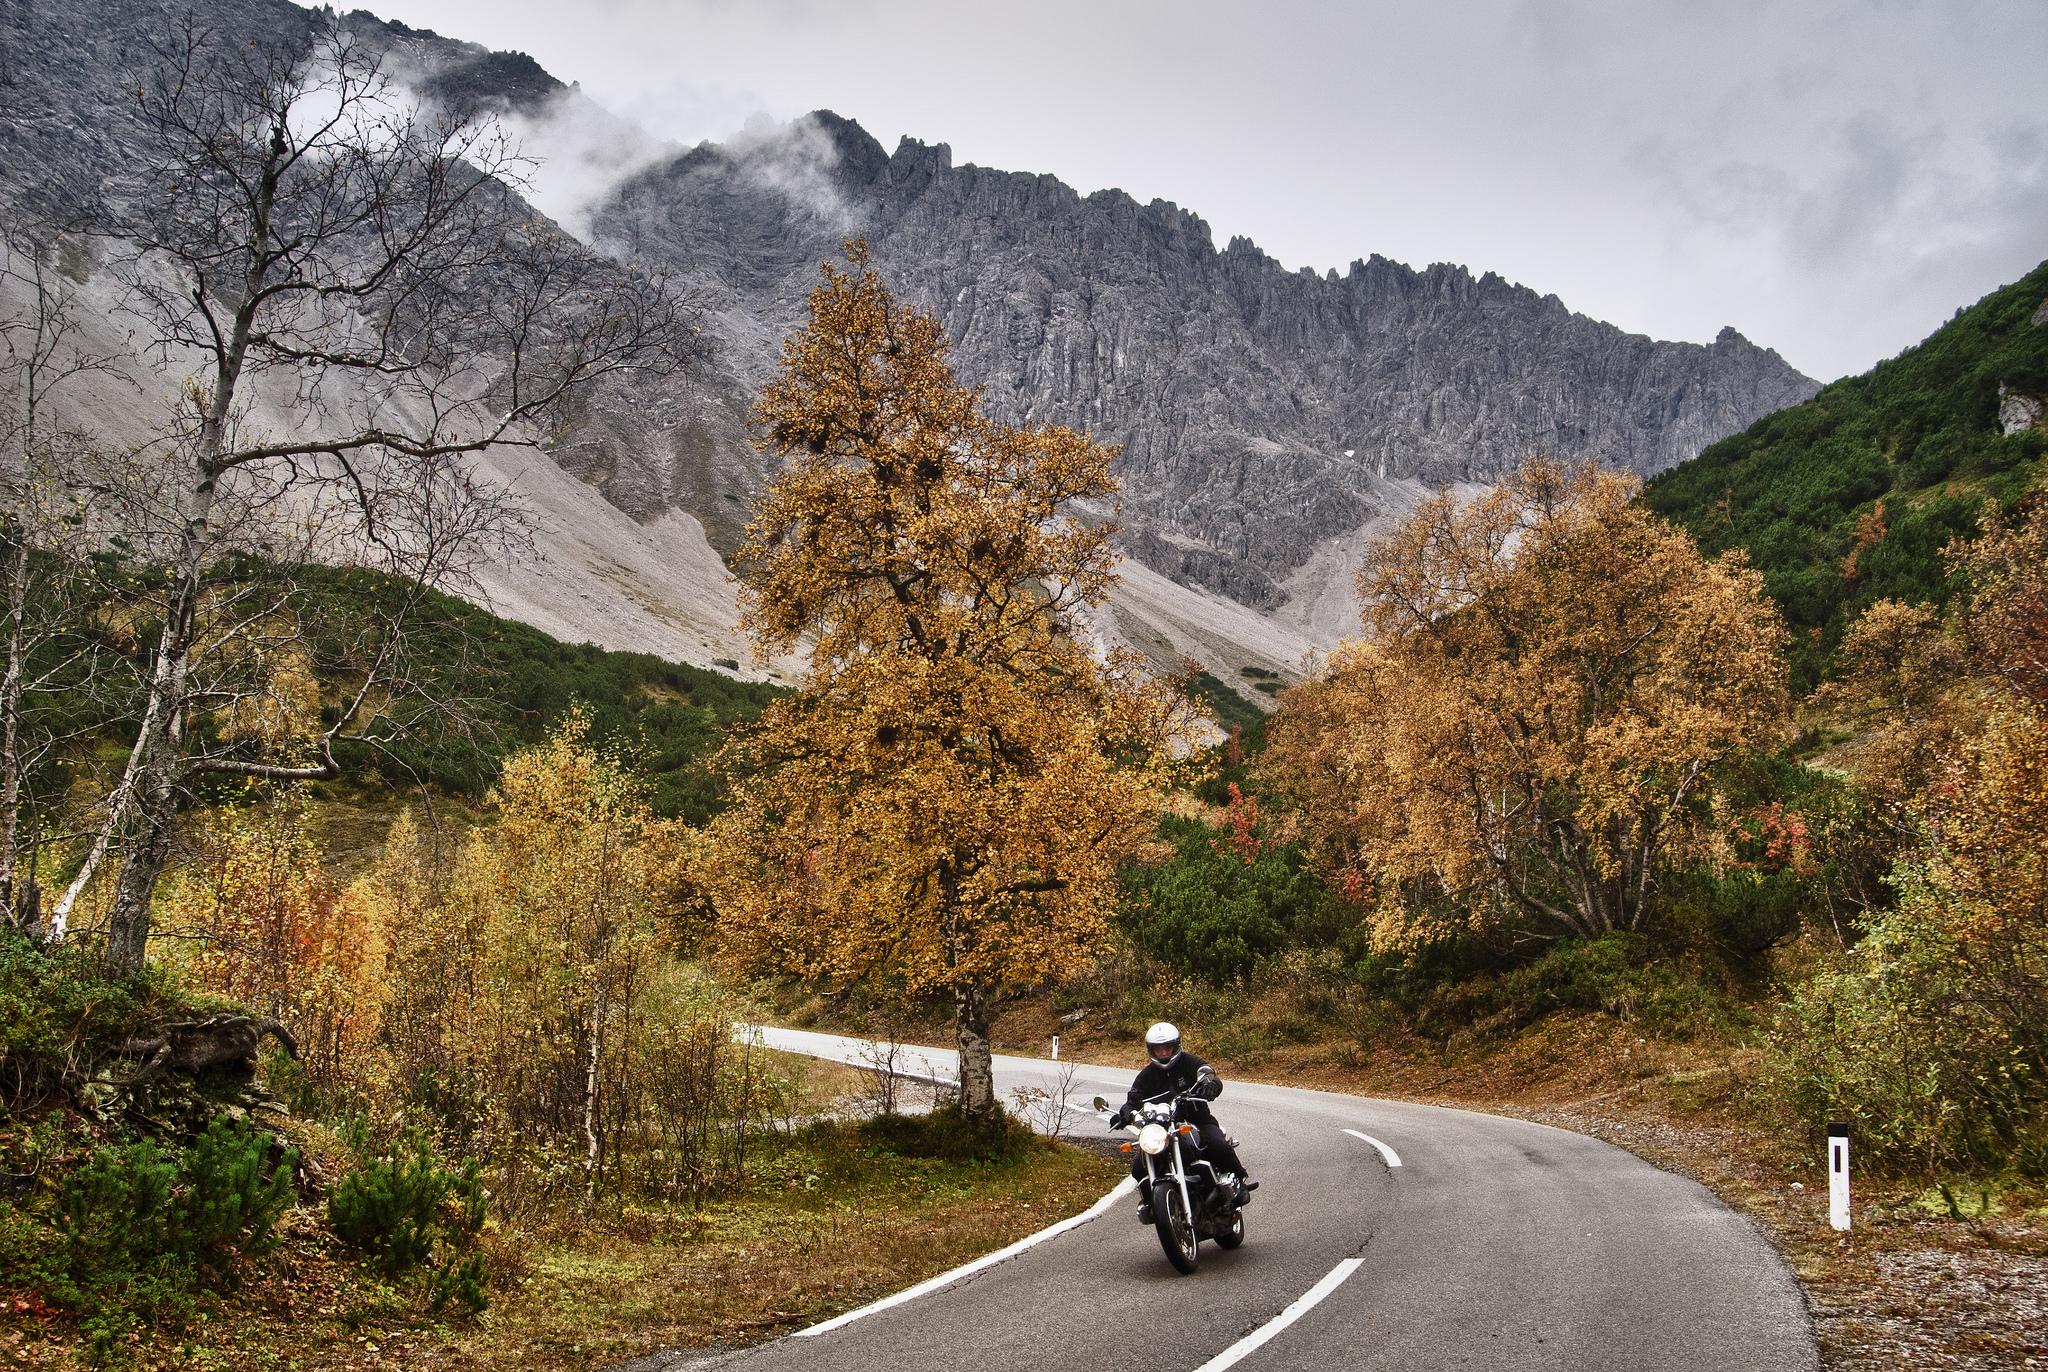 Австрийские Альпы, дорога в горах